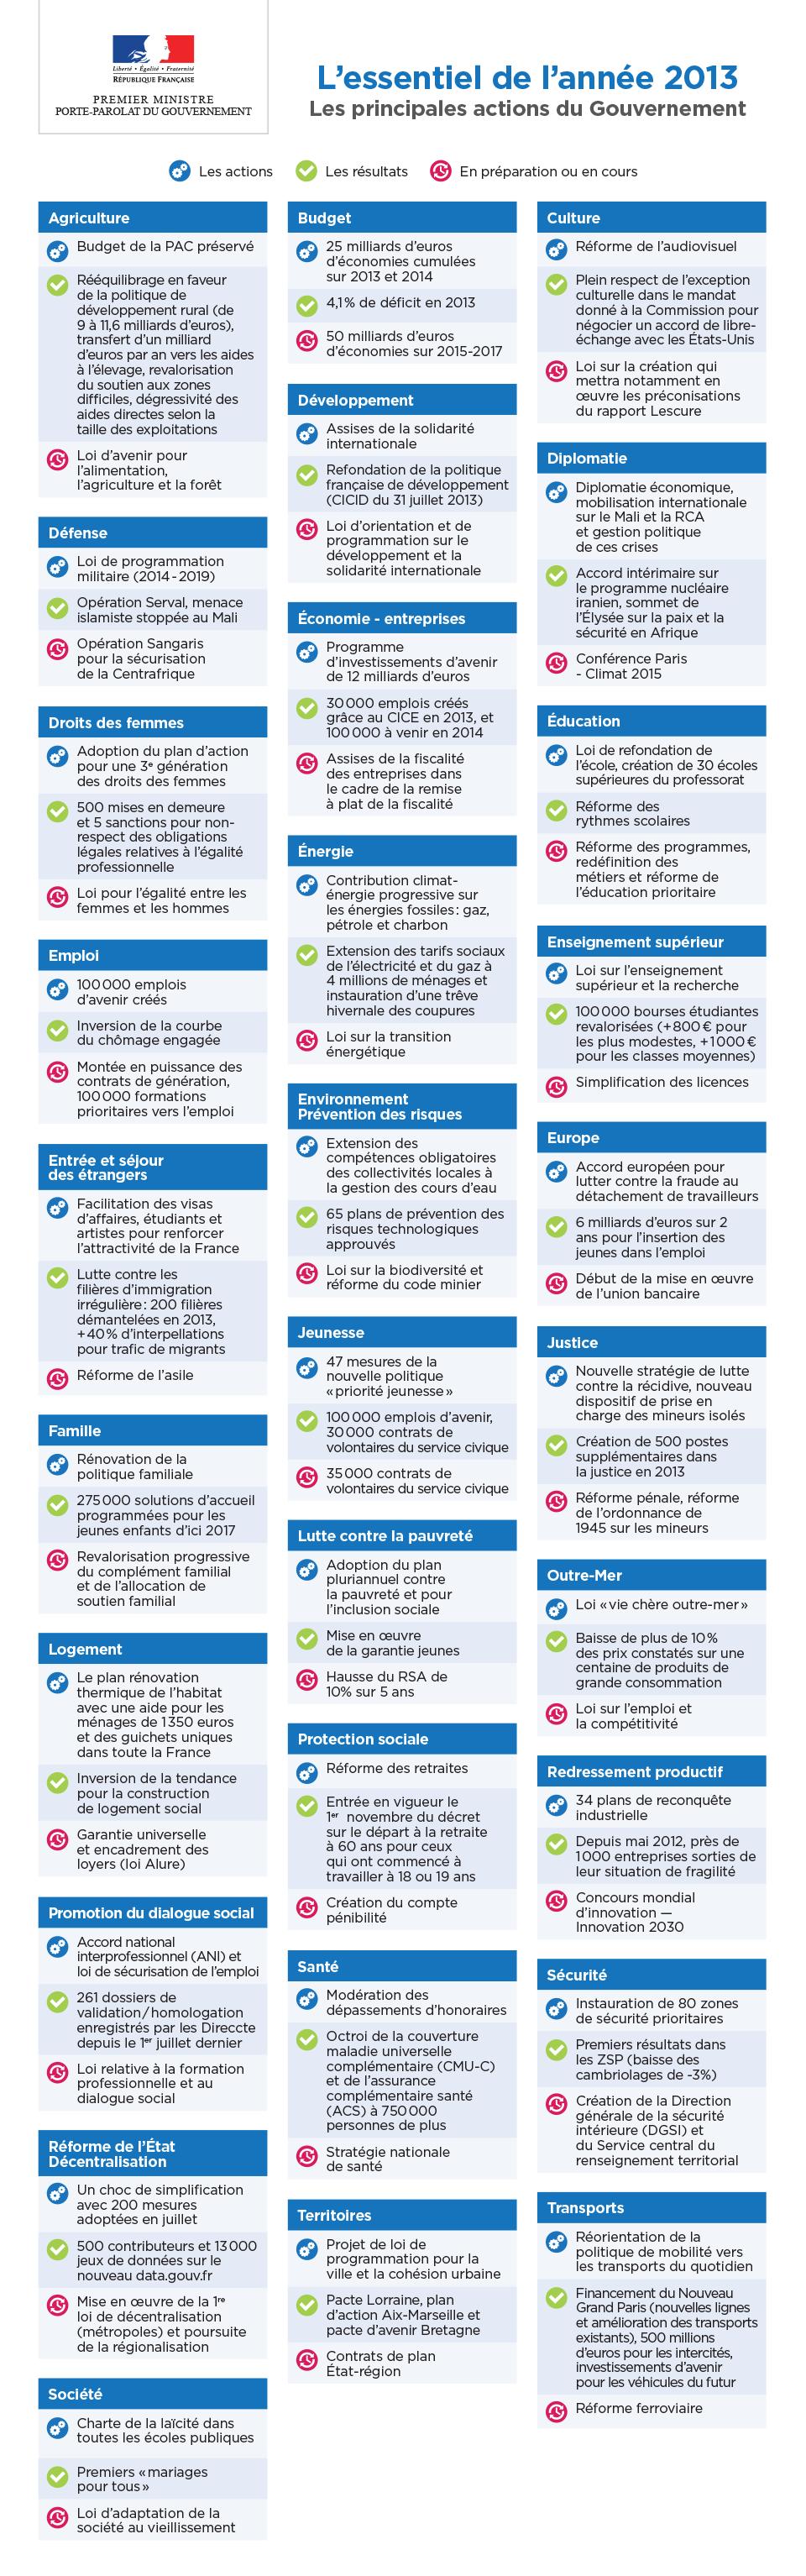 Infographie - Les principales actions du Gouvernement en 2013